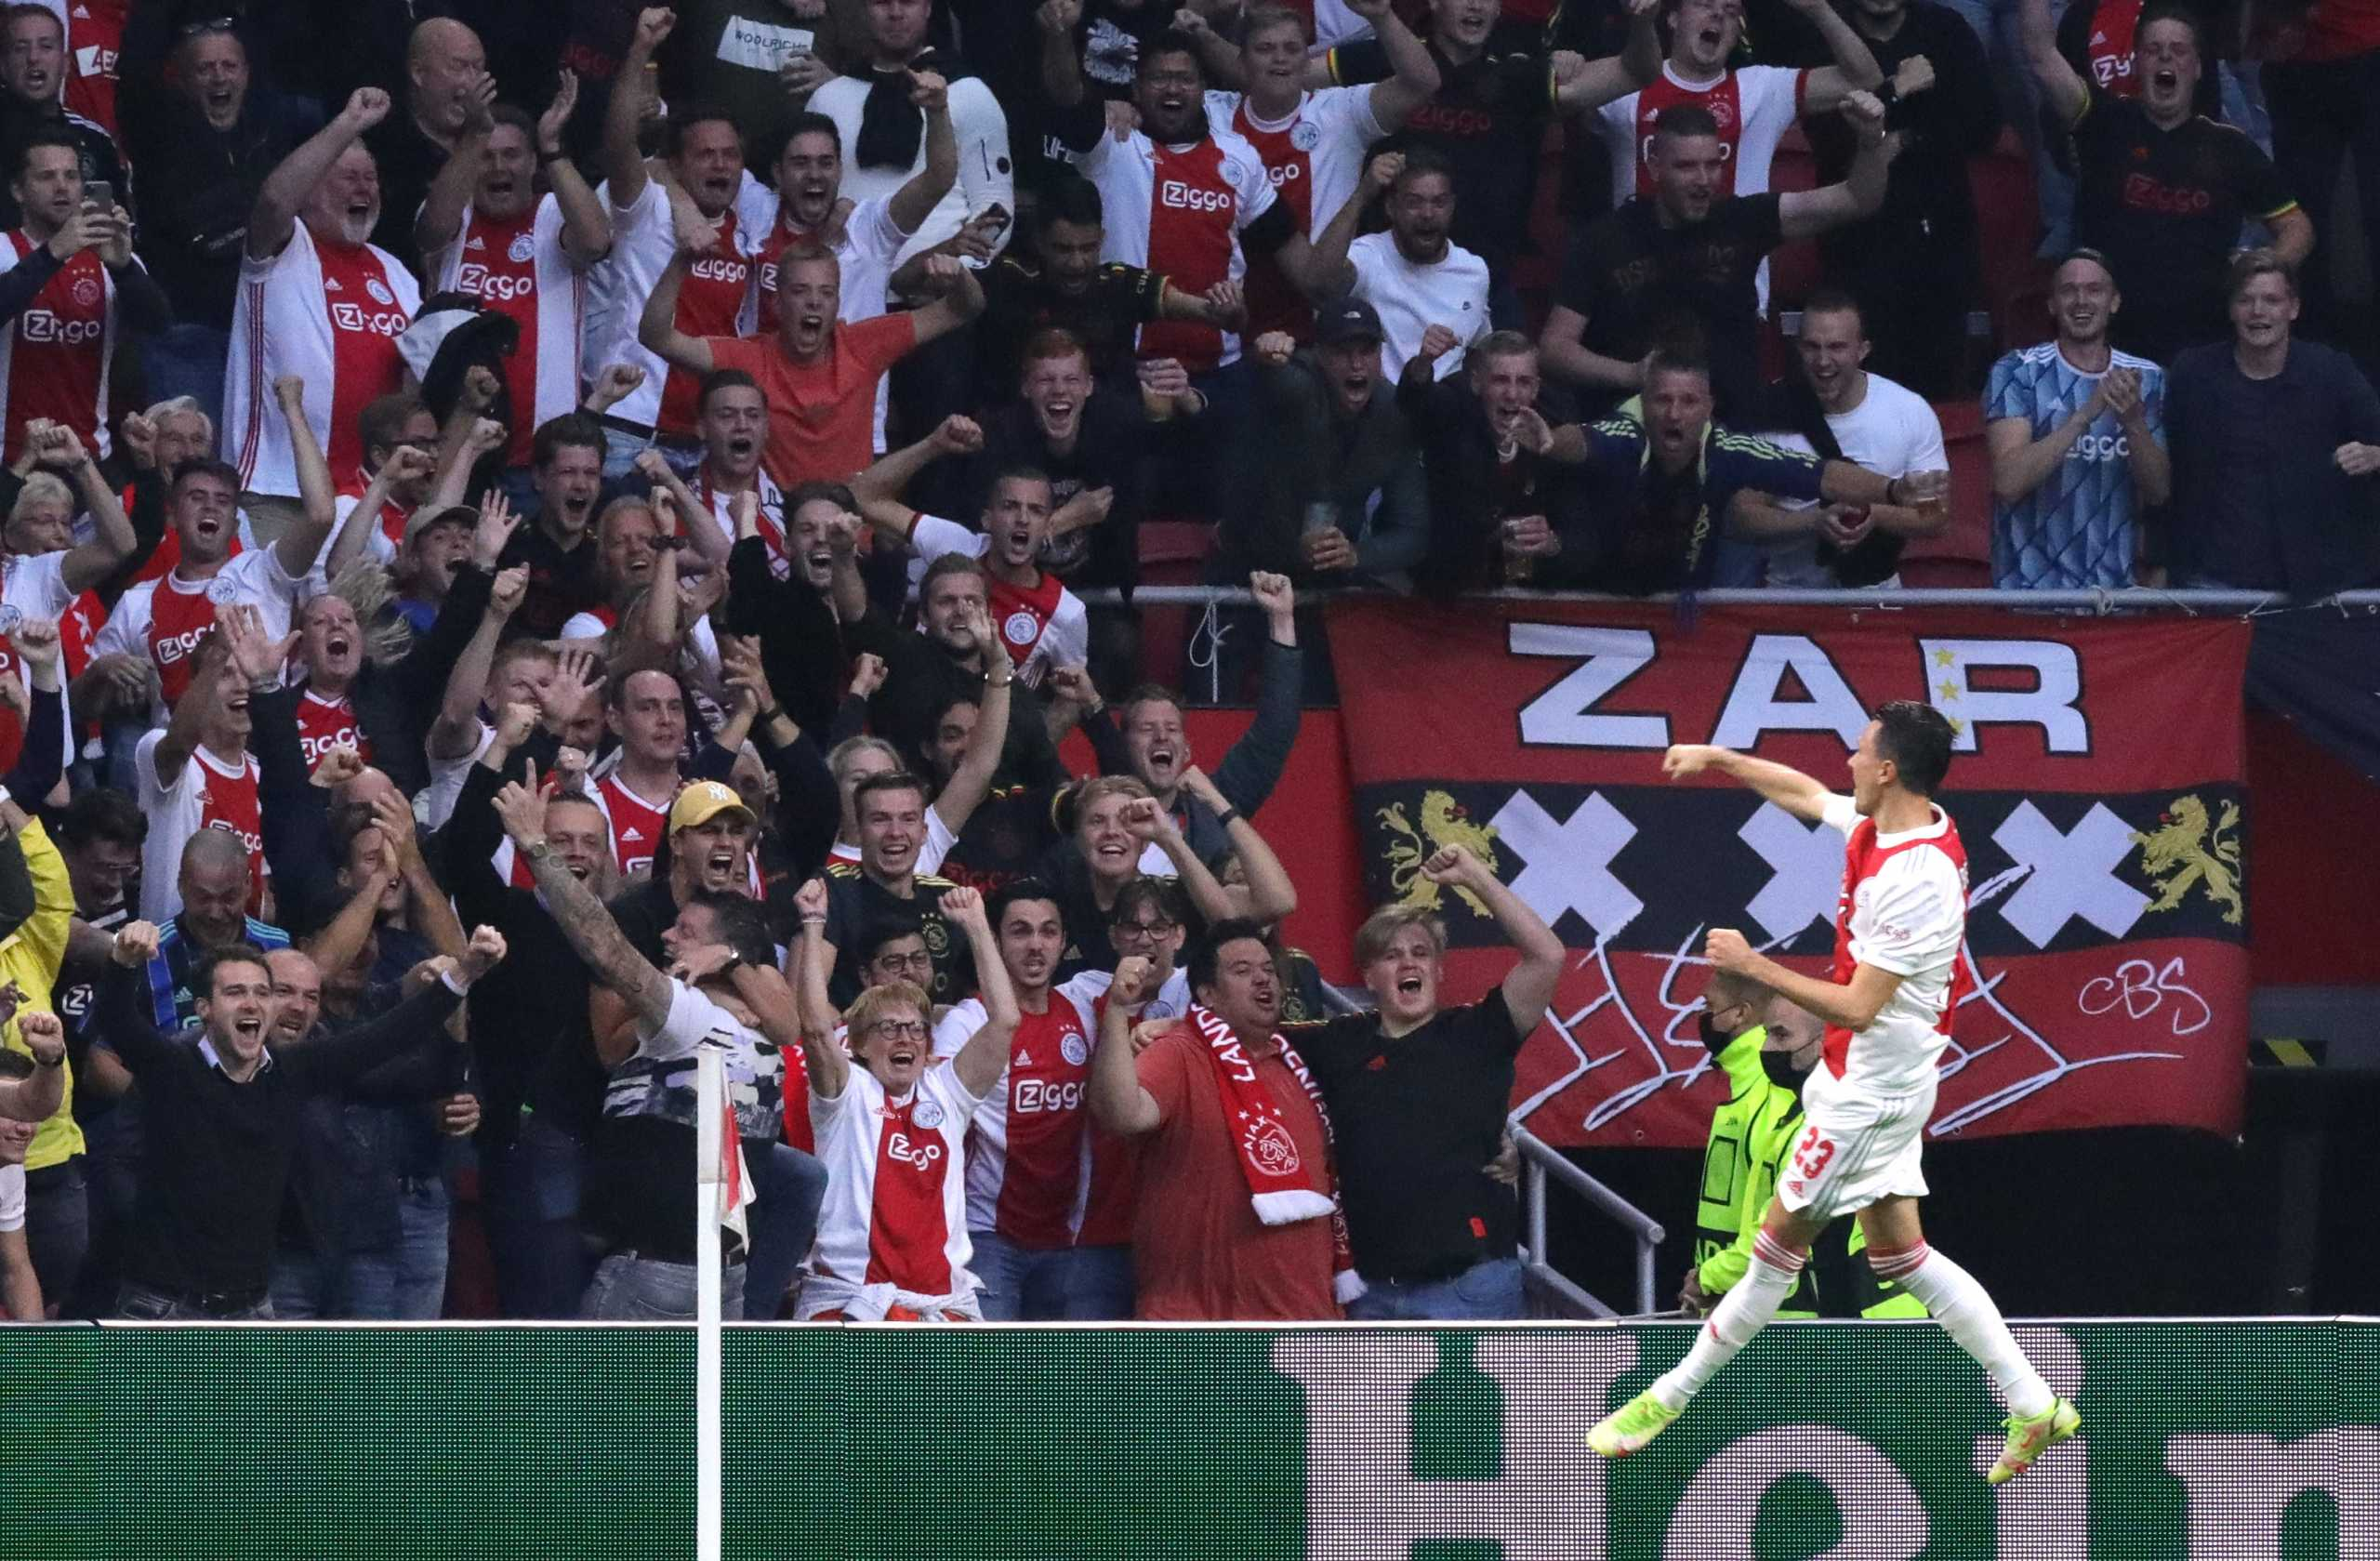 Champions League, Άγιαξ – Μπεσίκτας 2-0 και Σαχτάρ – Ίντερ 0-0: 2Χ2 άνετα ο «Άιαντας», Δίκαιη «μοιρασιά» στο Κίεβο